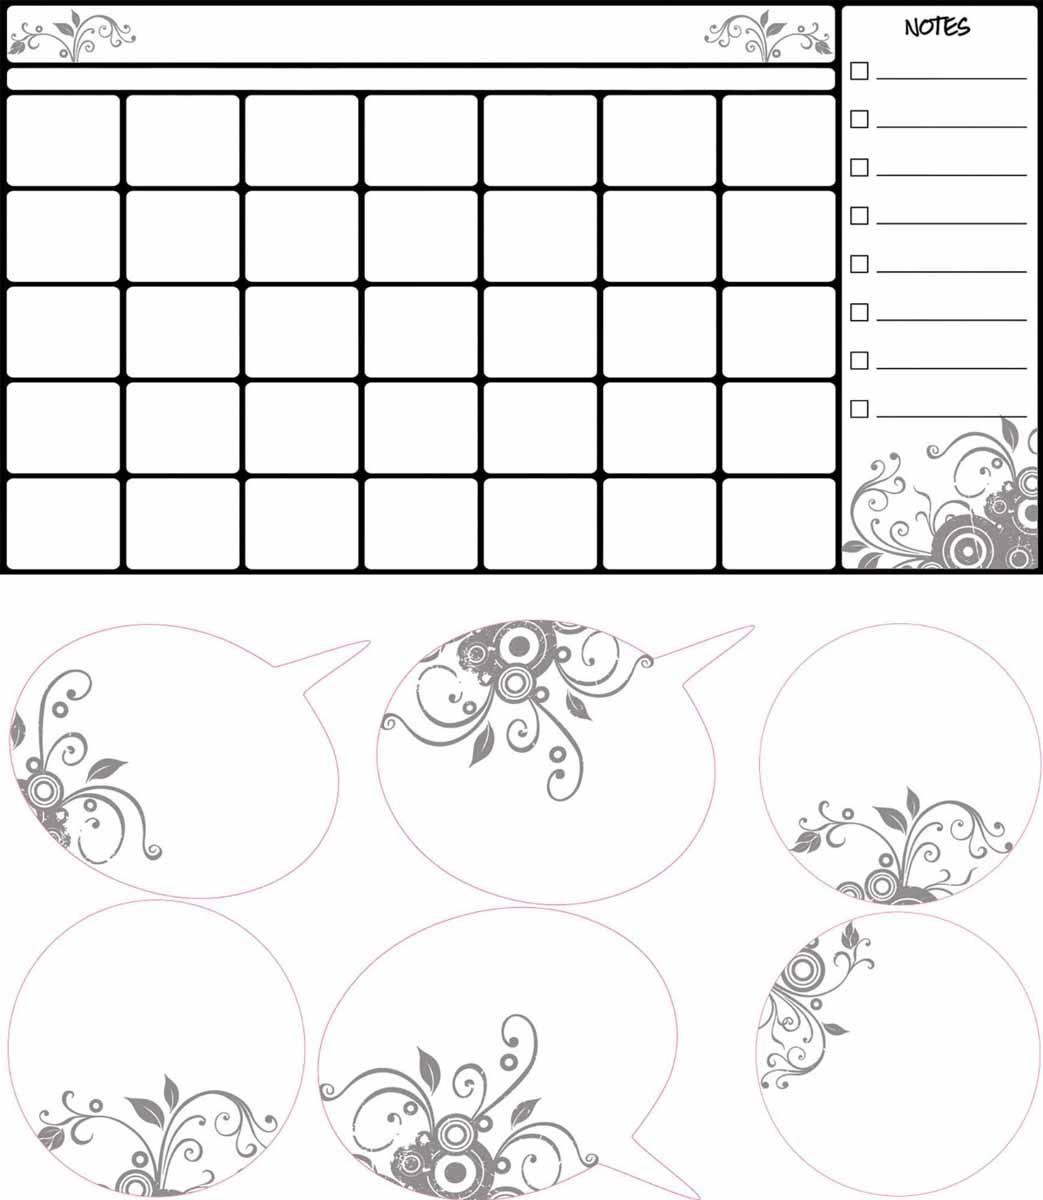 RoomMates Наклейка интерьерная Календарь для заметок1093-BLИнтерьерная наклейка RoomMates Календарь для заметок обязательно станет украшением детской комнаты.Наклейка, входящая в набор, содержит изображение сетки календаря и поля для заметок. Ваш ребенок сможет оставлять пометки маркером на этой наклейке, как на белой доске - и они будут легко стираться. Ее не нужно вырезать, а следует просто отсоединить от защитного слоя и поместить на стену или любую другую плоскую гладкую поверхность.Она многоразовая: ее легко переклеивать и снимать со стены, она не оставляет липких следов на поверхности.